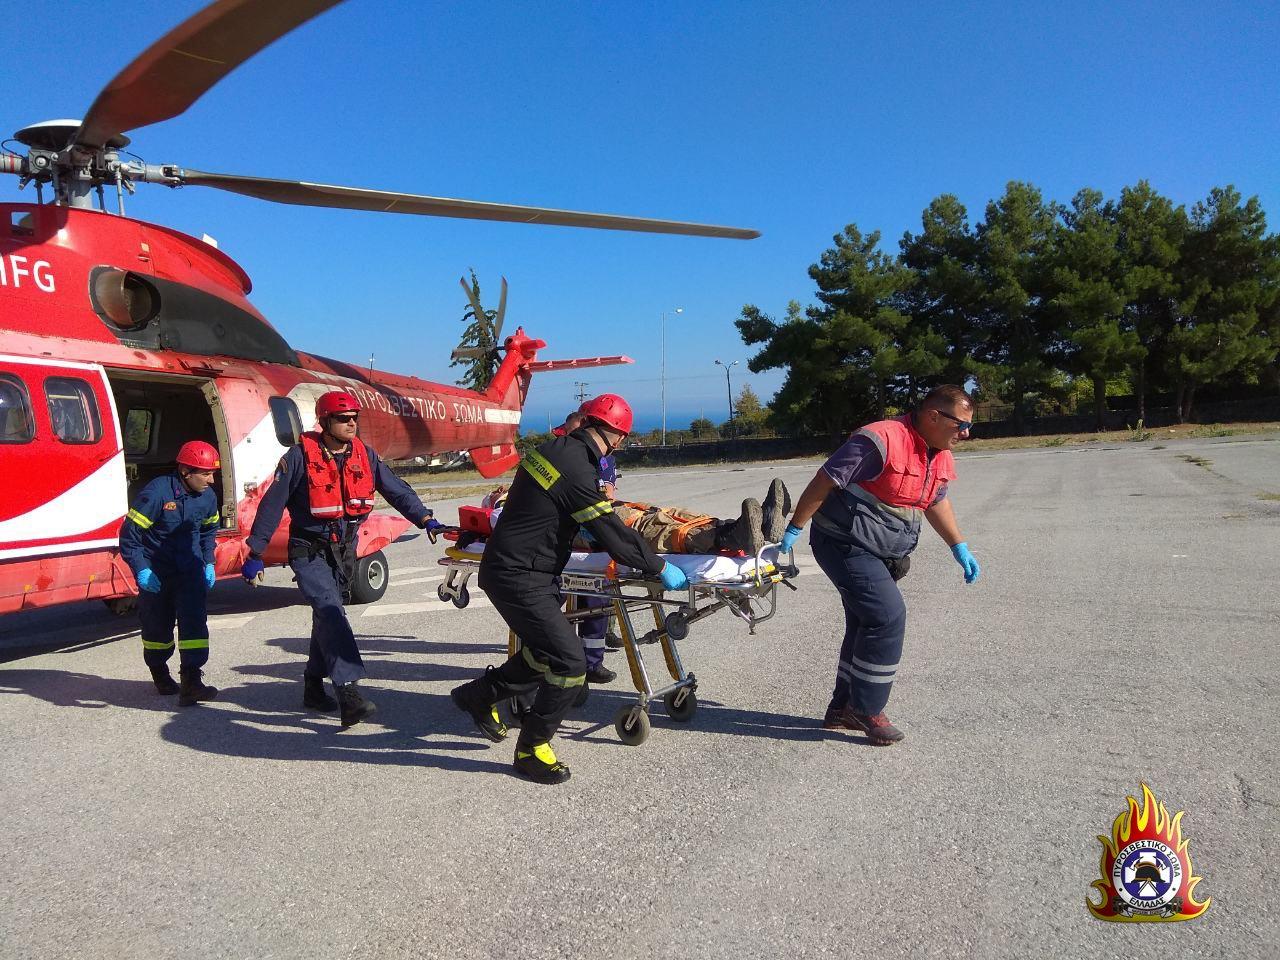 EFjobZLXoAAtU6  - Η δραματική επιχείρηση διάσωσης του ορειβάτη γιατρού στον Όλυμπο (φωτο)